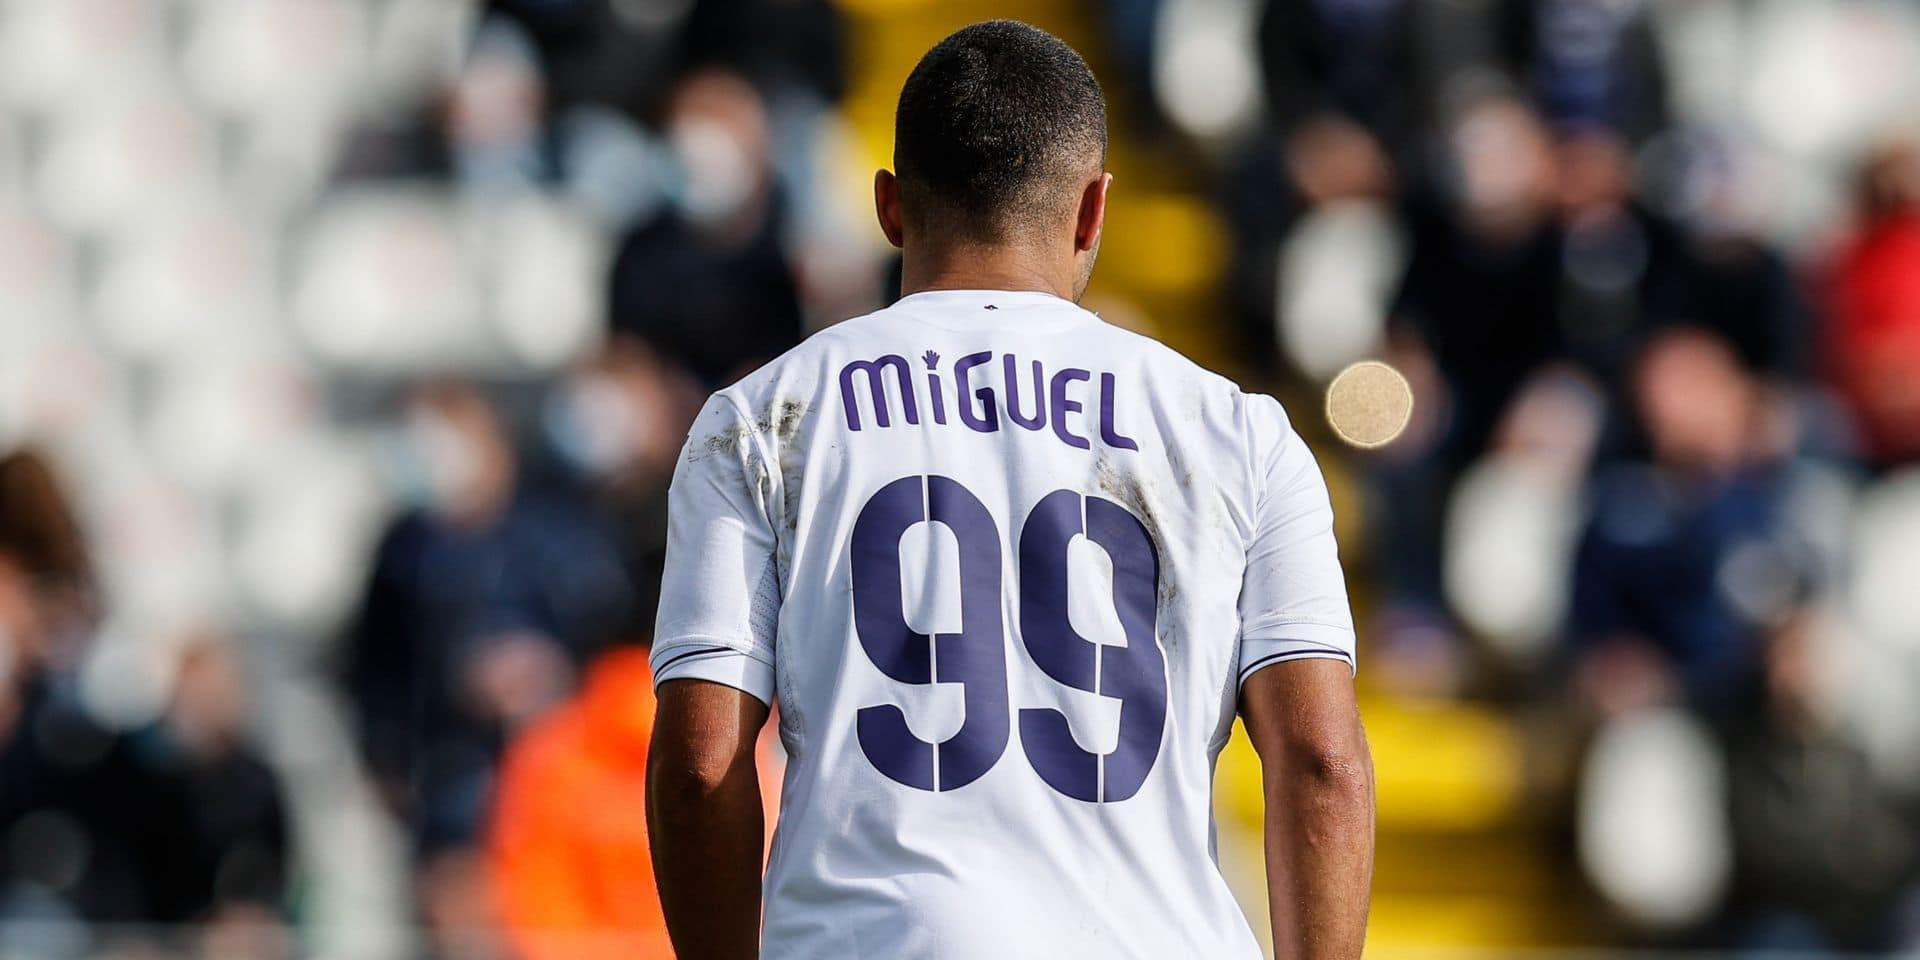 """Anderlecht verse 6381 euros à la Fondation Me To You grâce à l'action des maillots """"Miguel"""""""